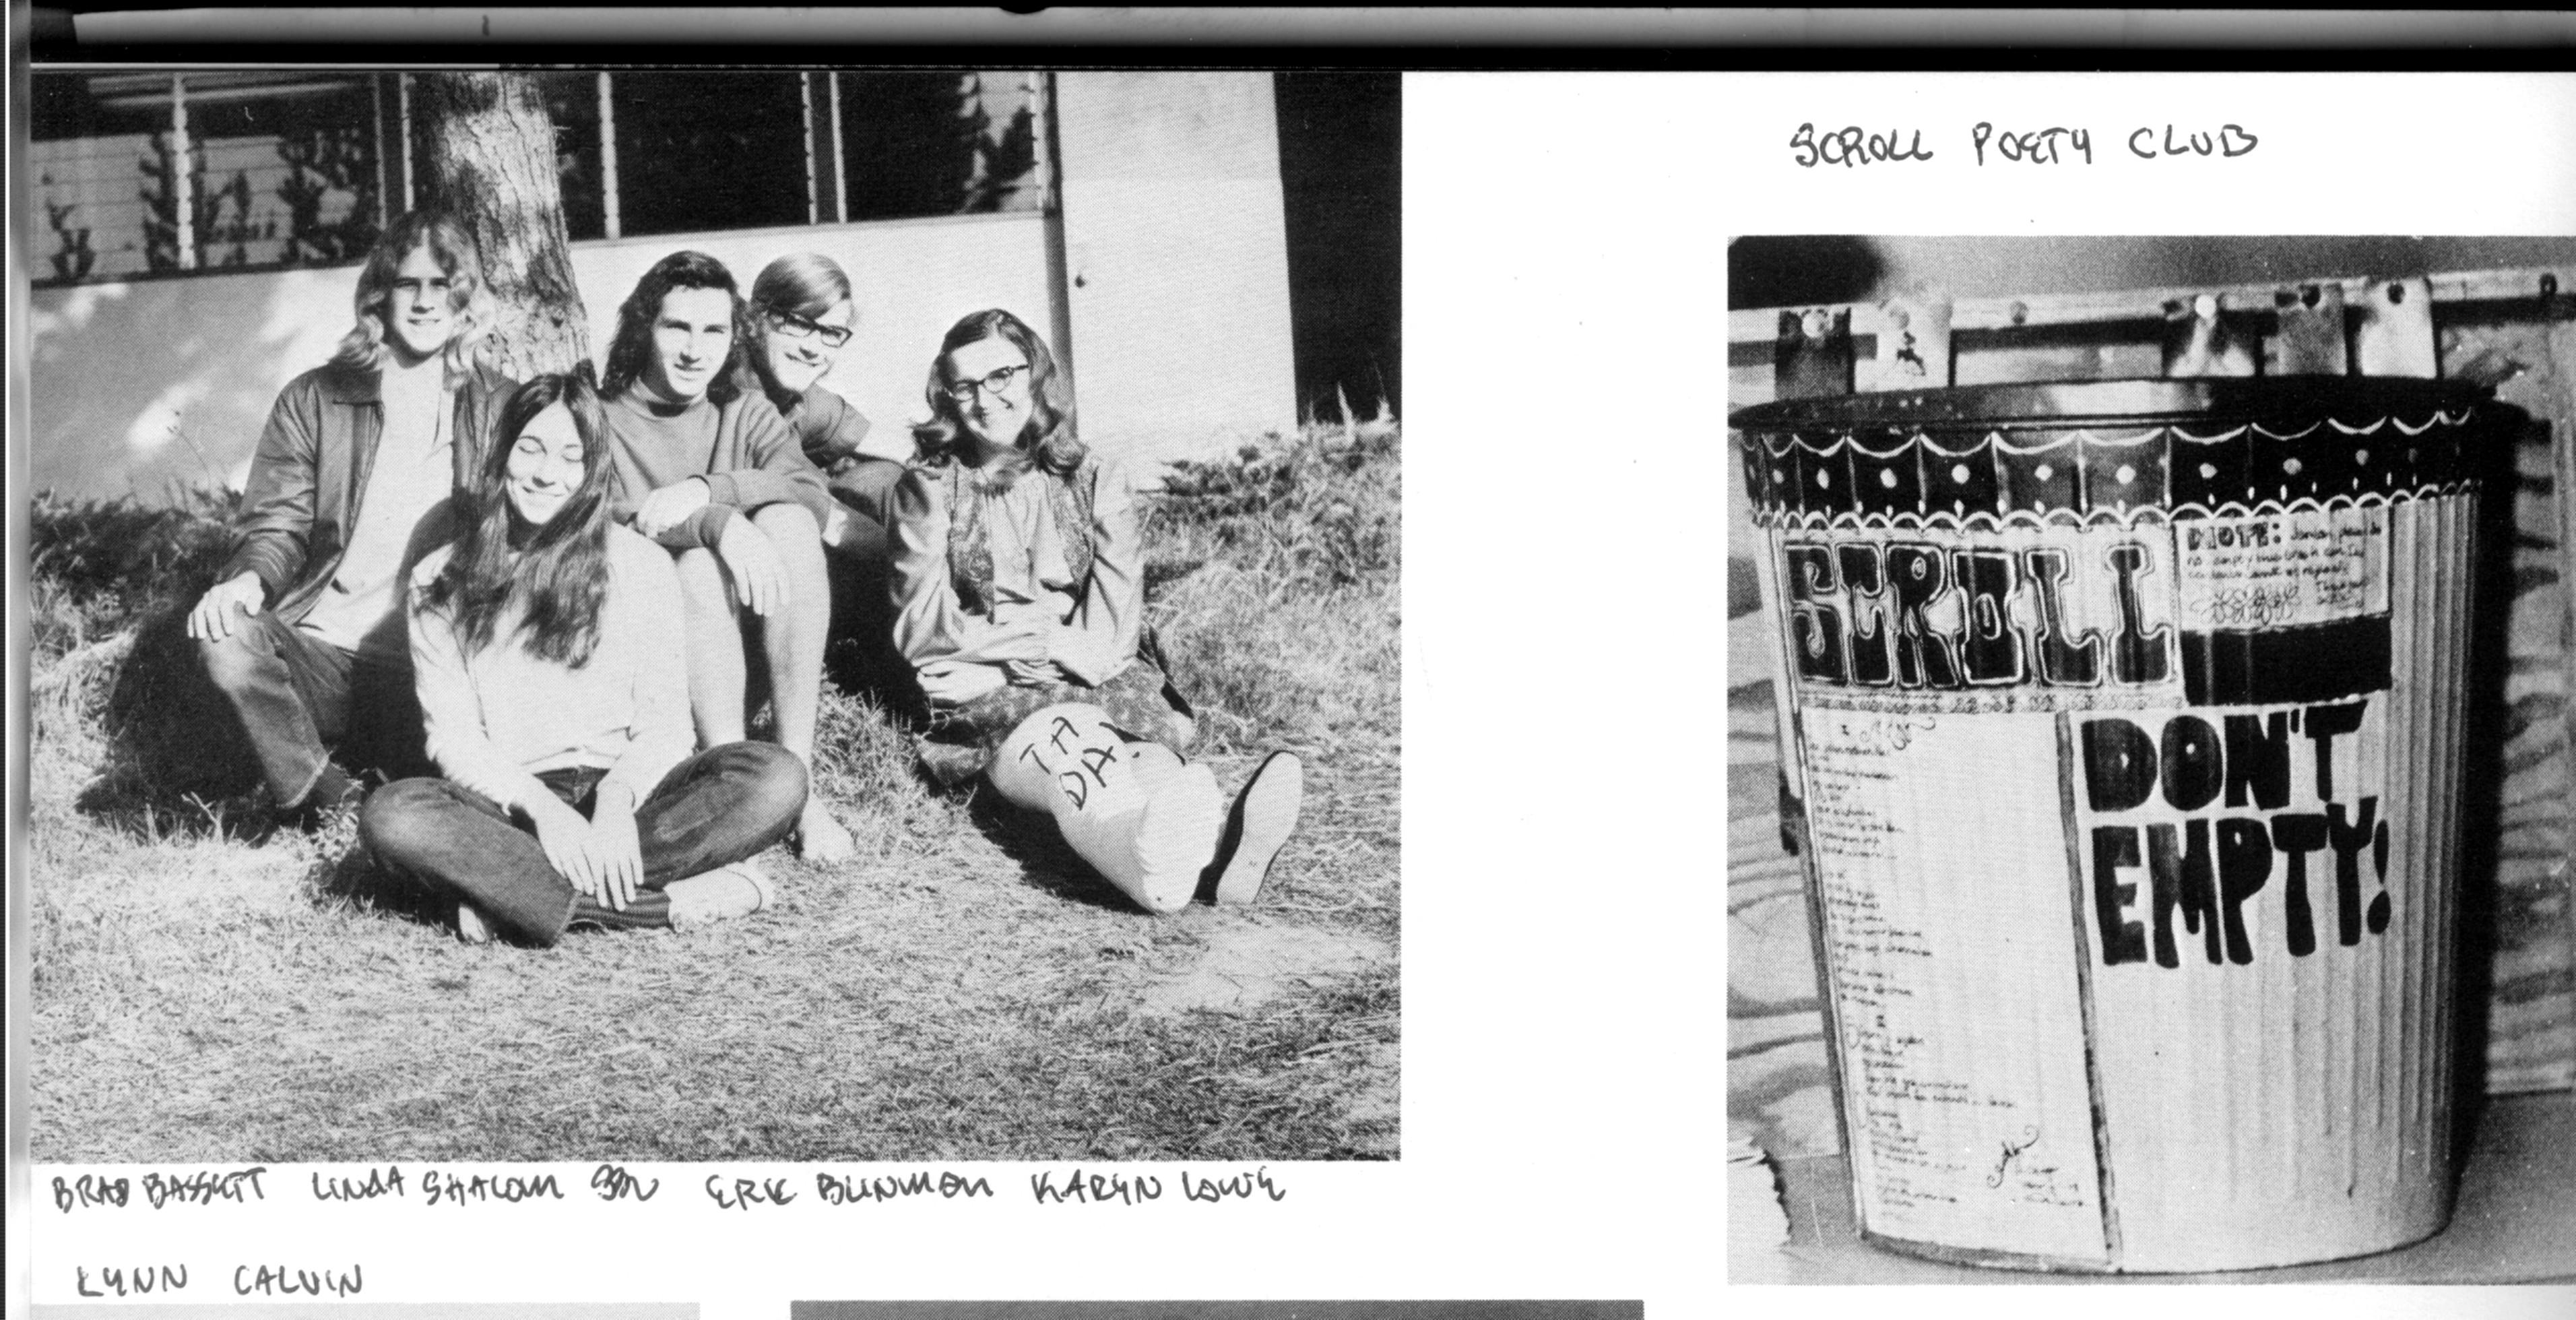 1971 The Scroll Club